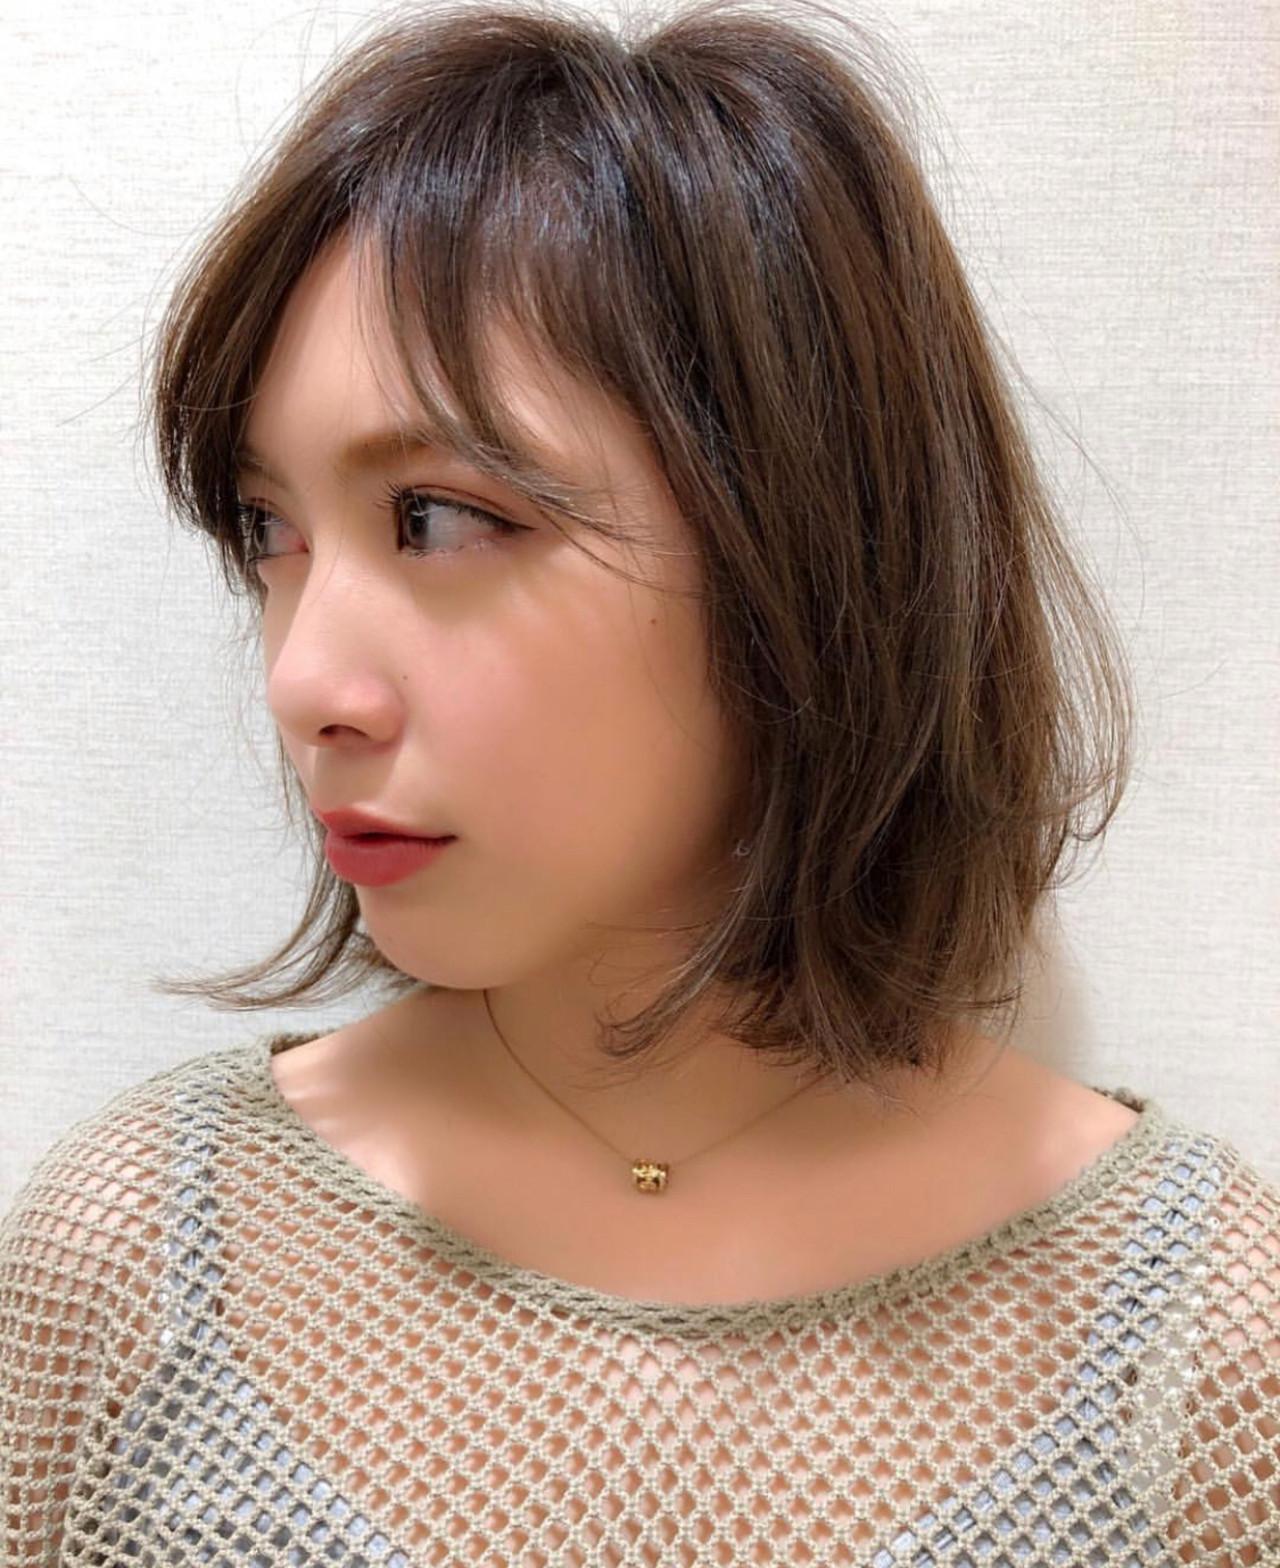 ハイライト 簡単スタイリング 大人かわいい フェミニン ヘアスタイルや髪型の写真・画像